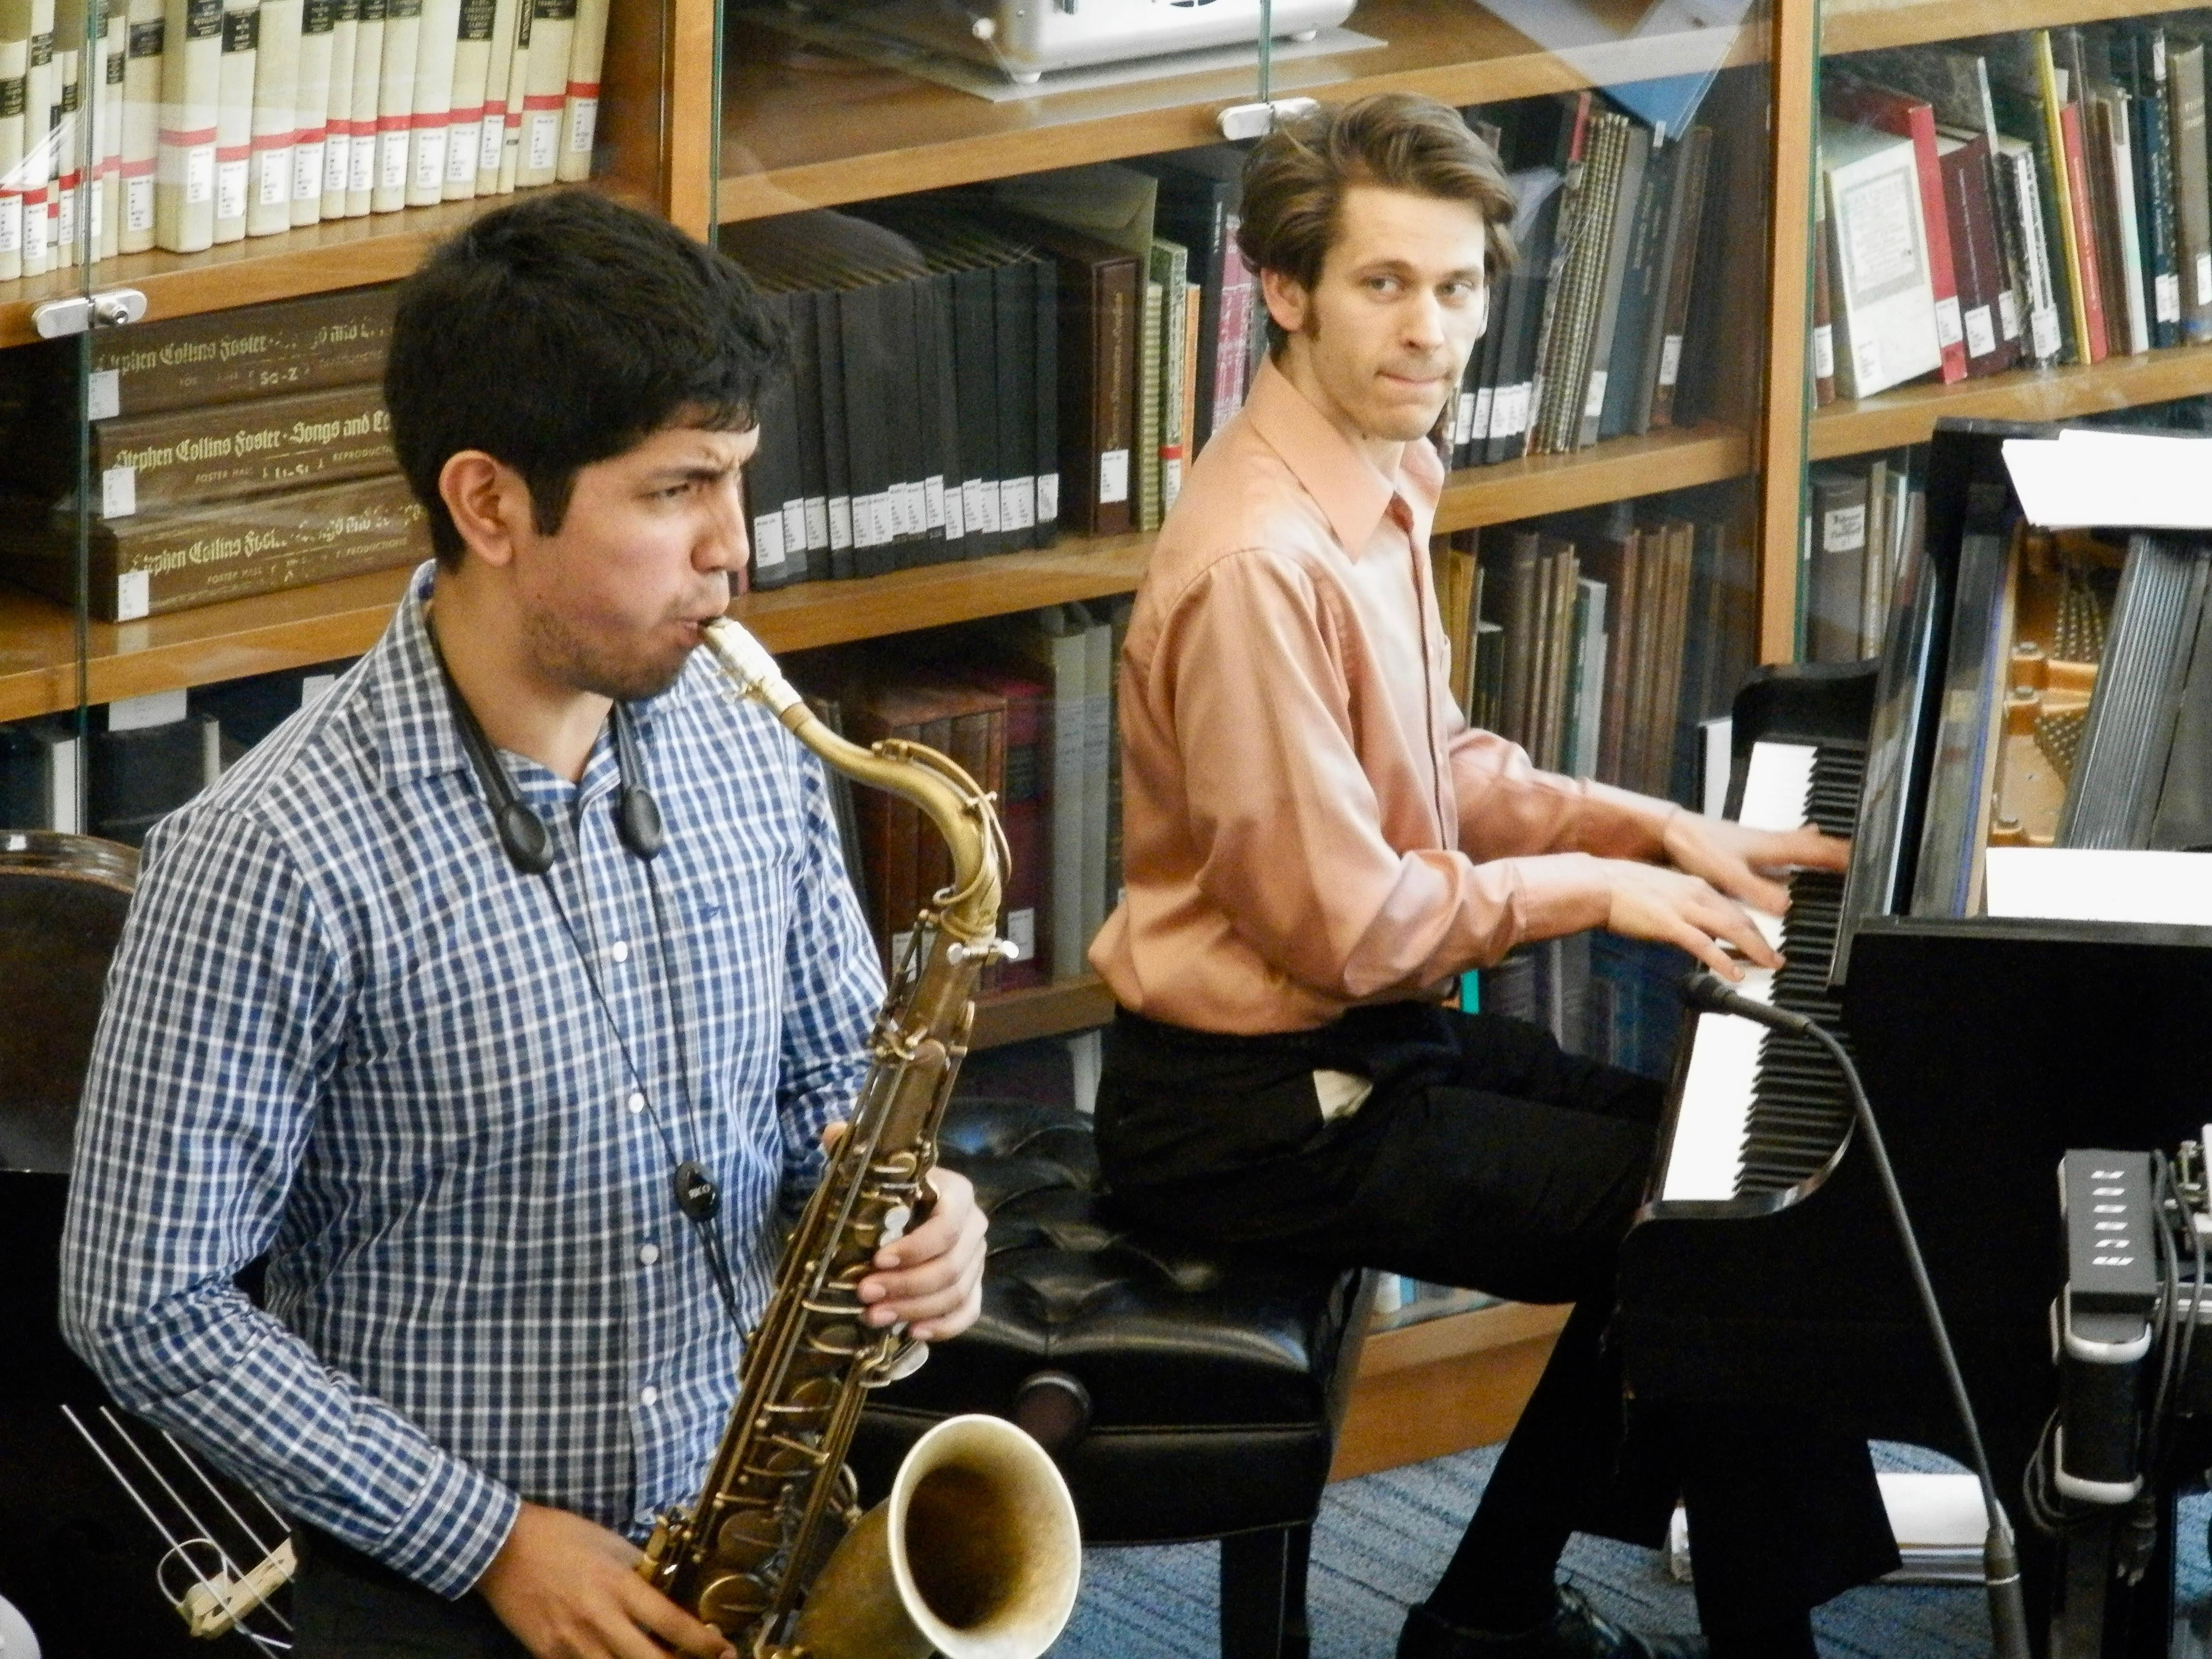 Saxophonist Julio Flavio Maza and pianist Glenn Tucker